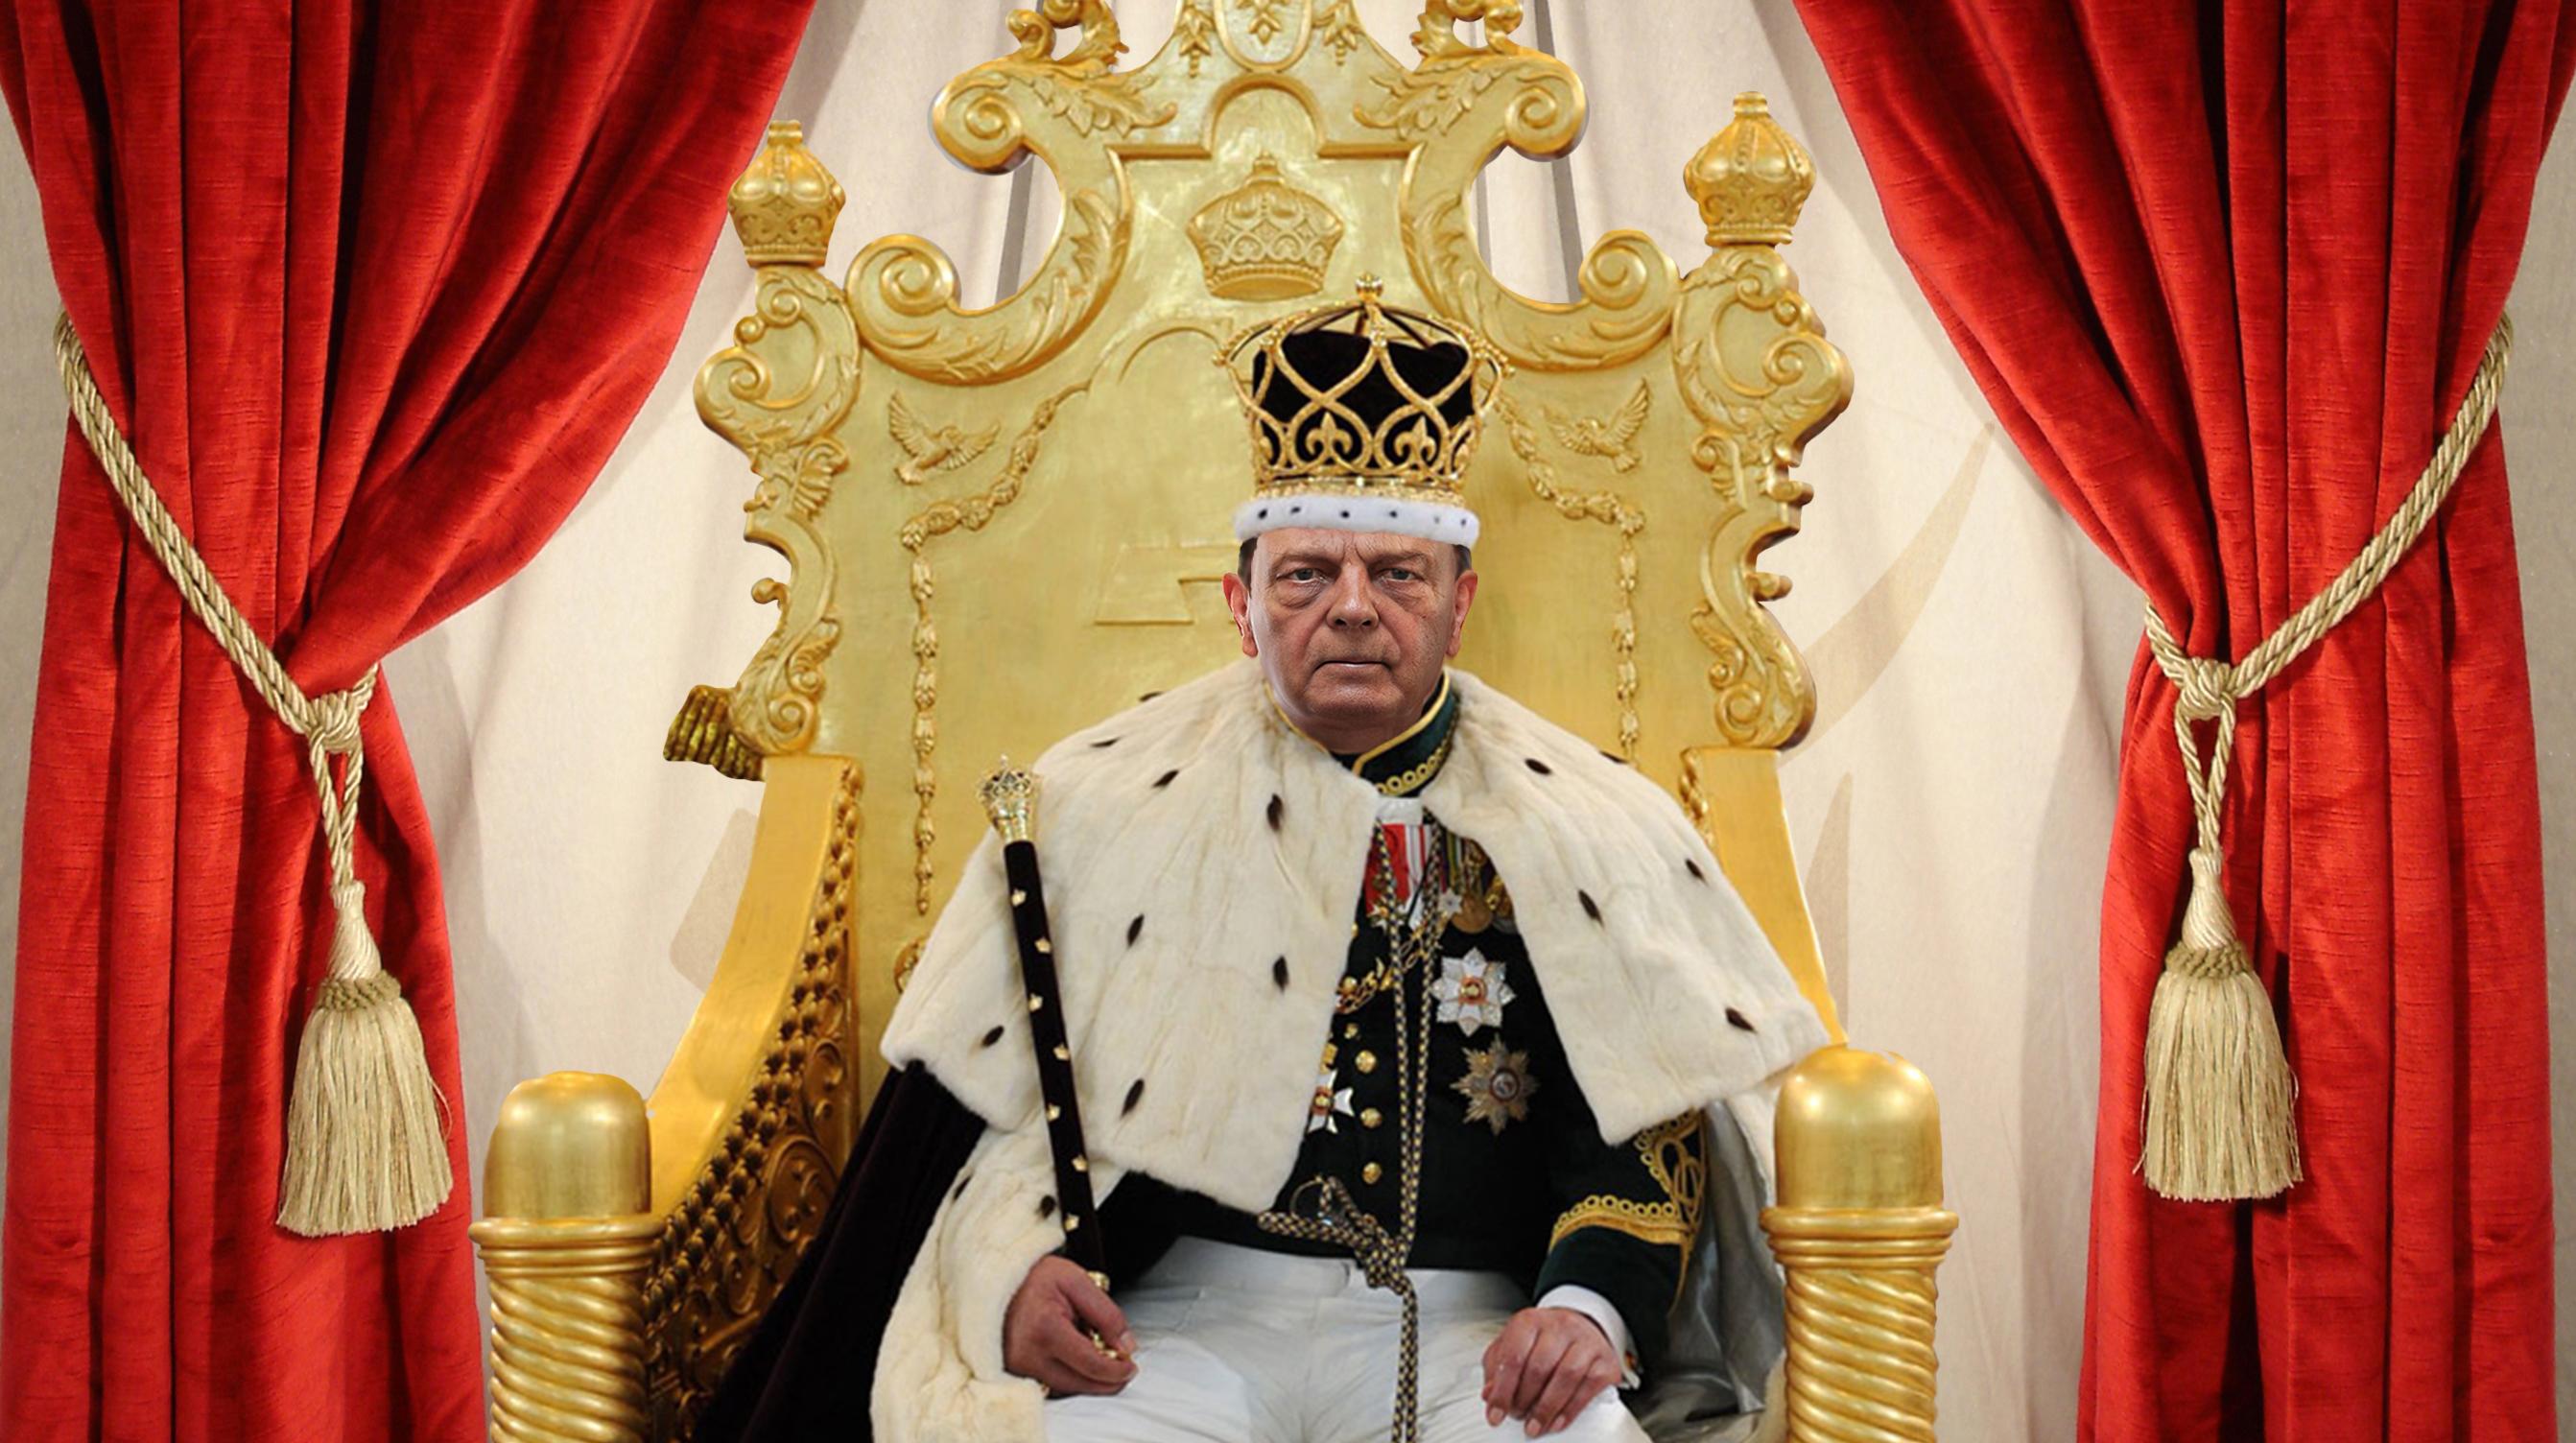 صورة كيف تميّز بين النظامين الجمهوري والملكي في المنطقة العربية؟